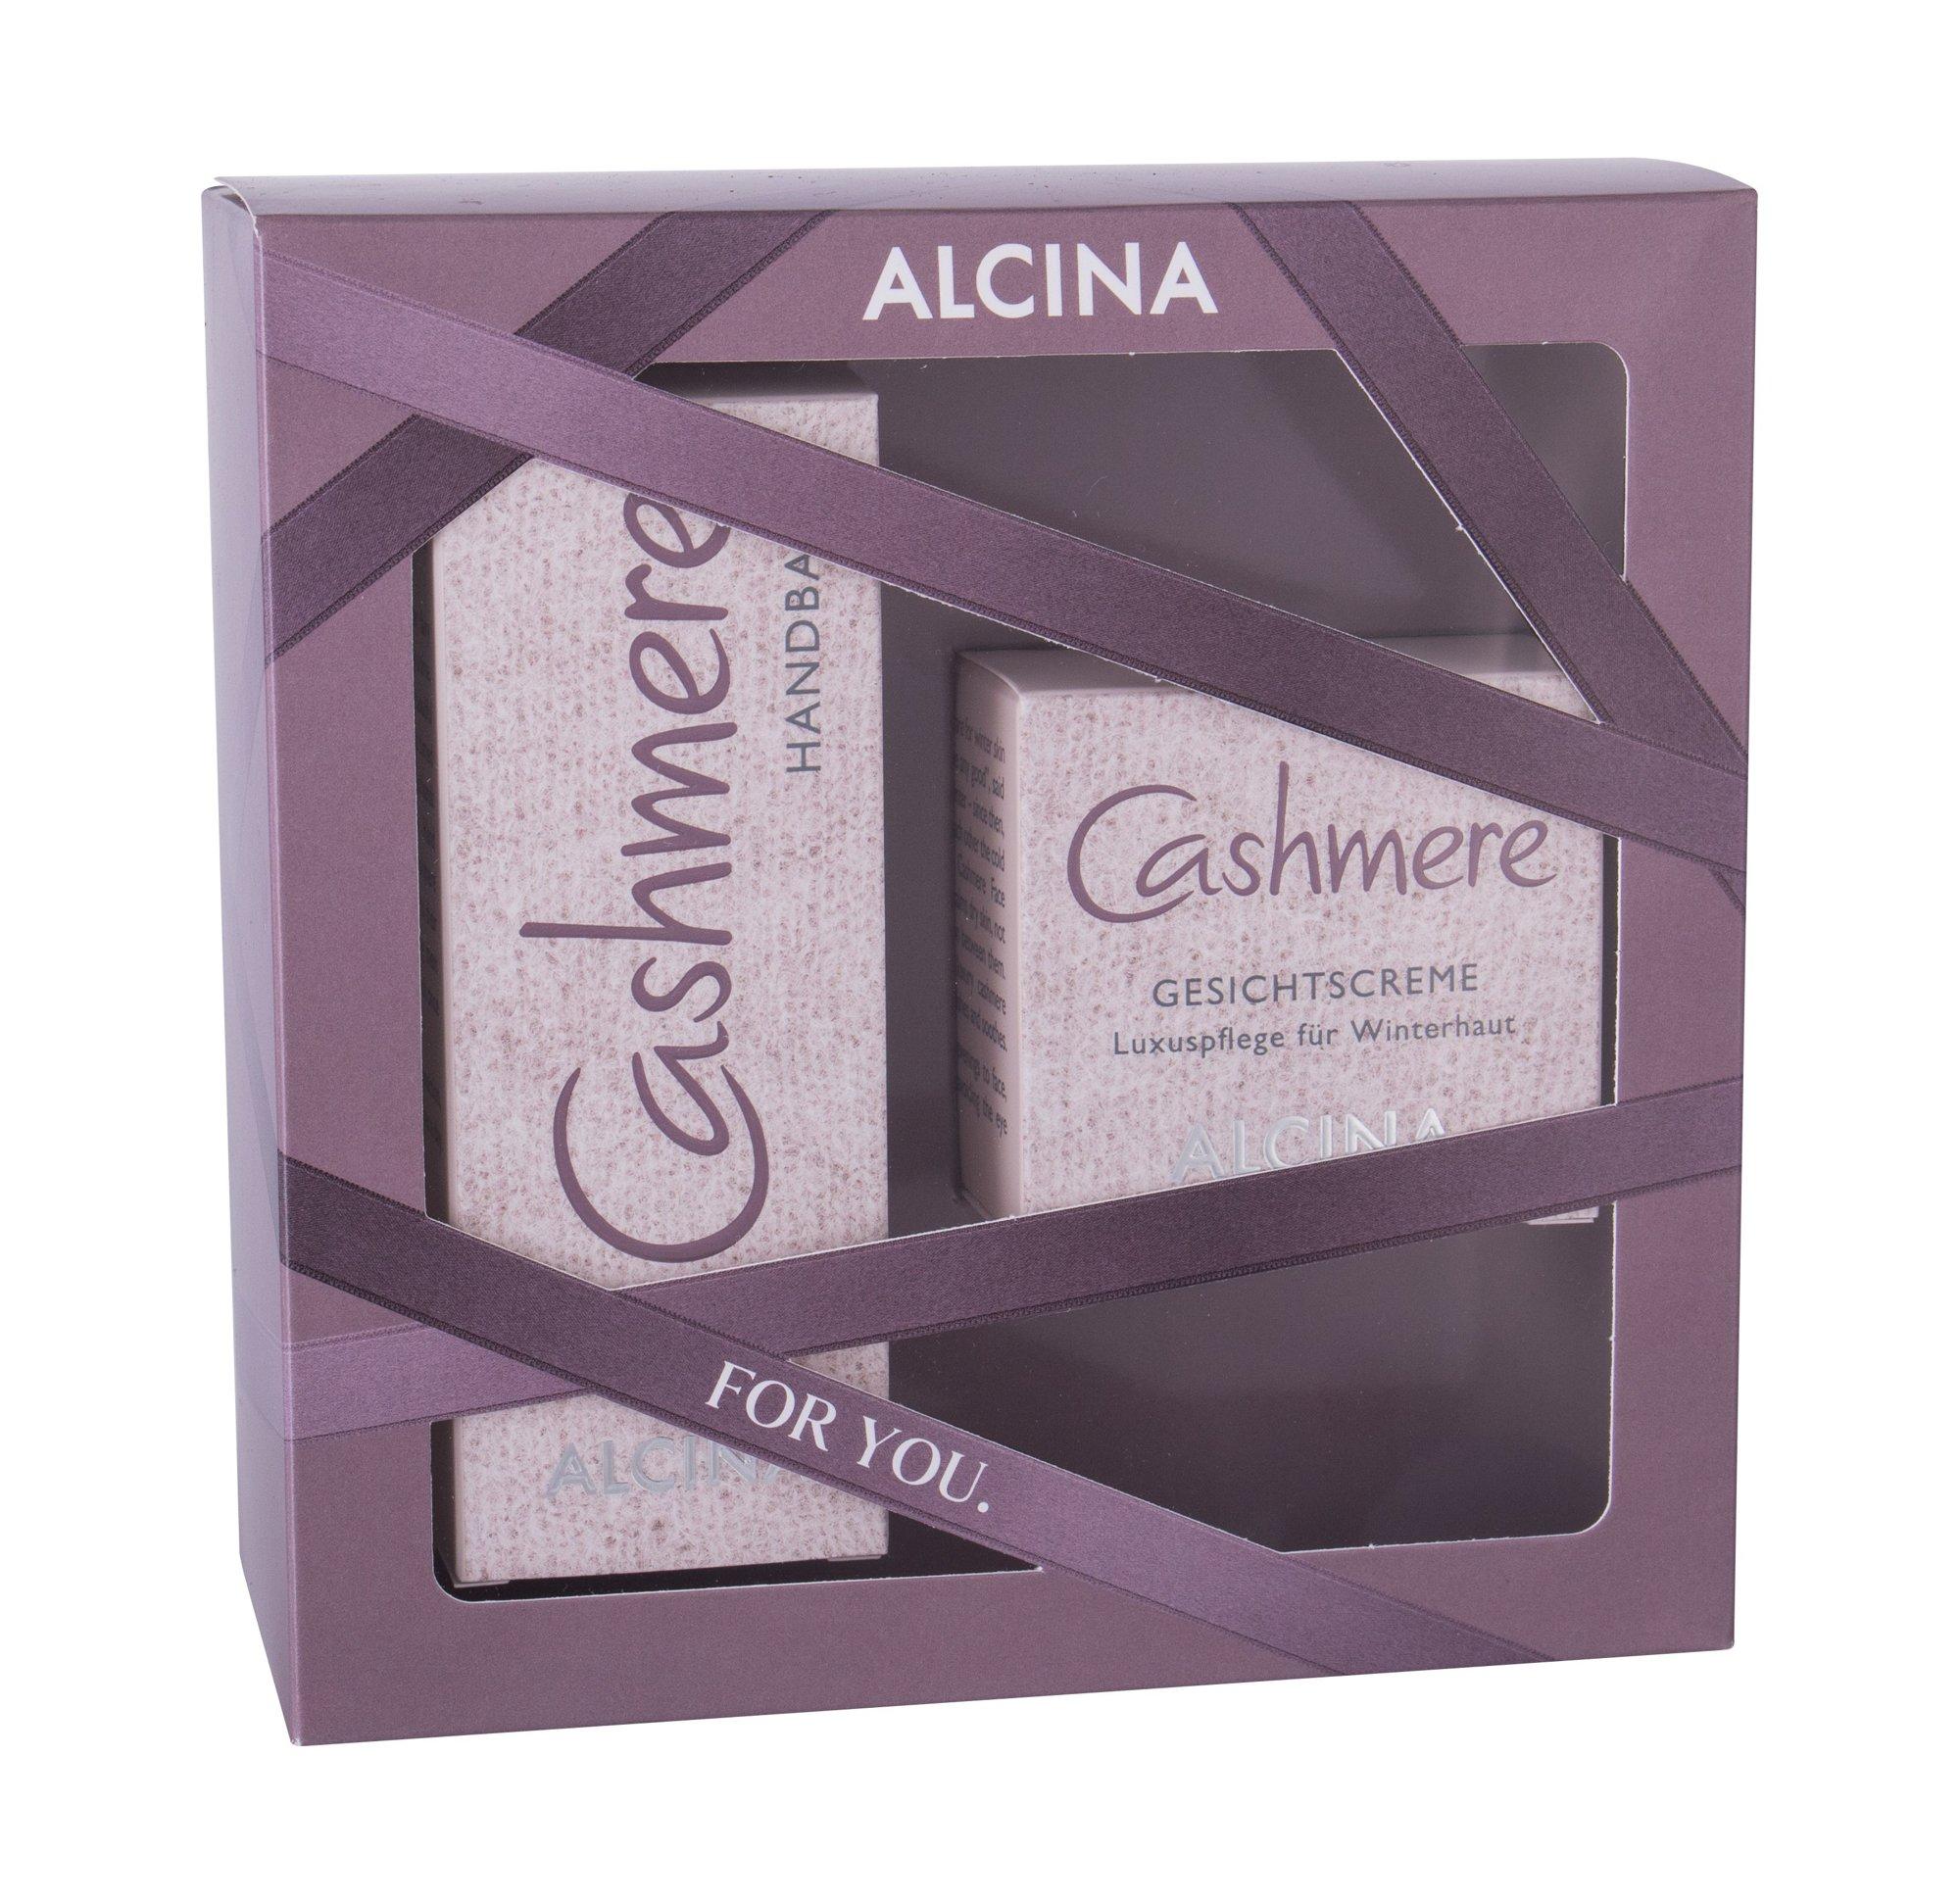 ALCINA Cashmere Day Cream 50ml